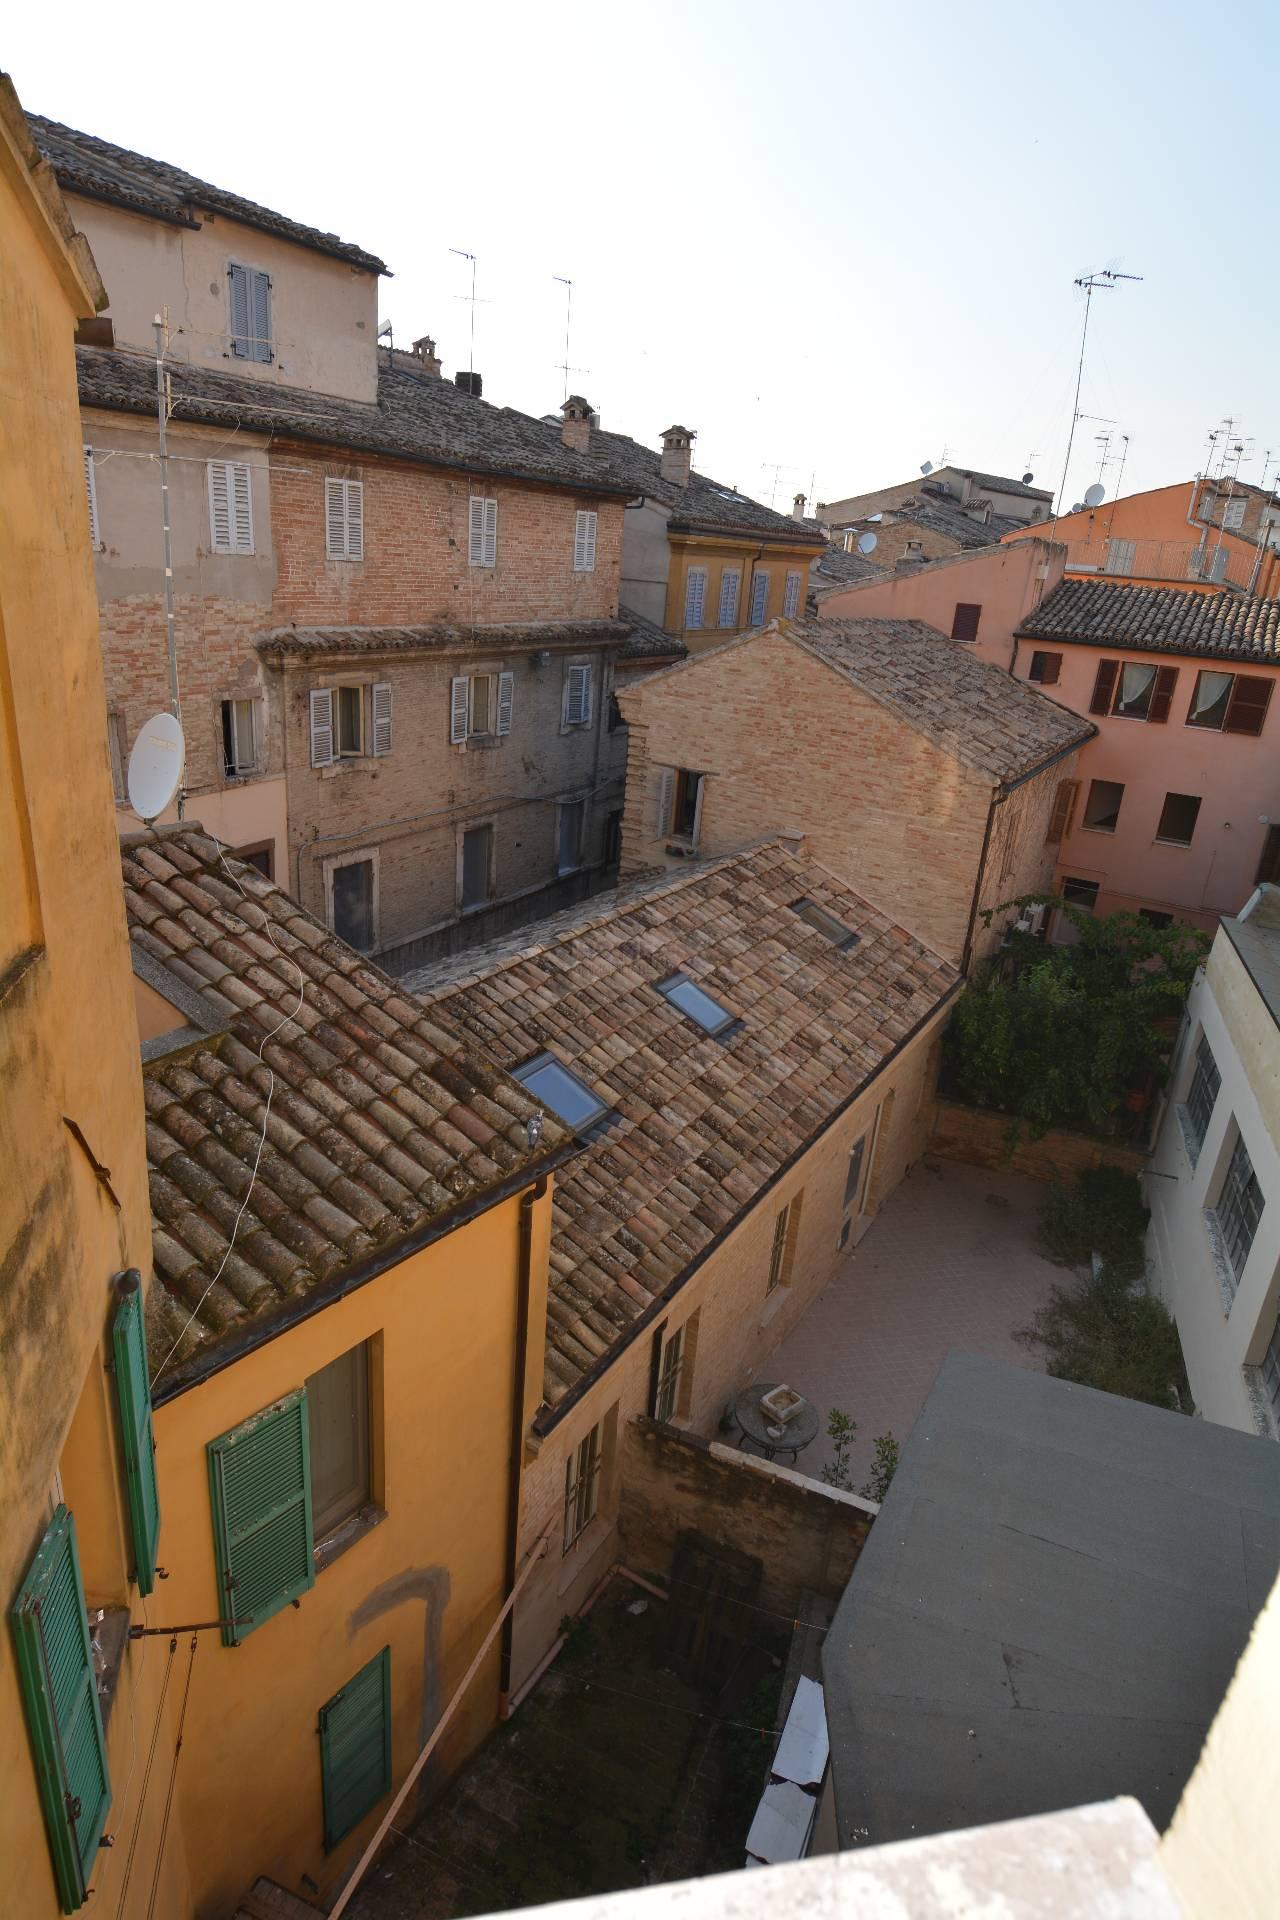 Appartamento in affitto a Macerata, 7 locali, zona Località: Centrostorico, prezzo € 720 | CambioCasa.it